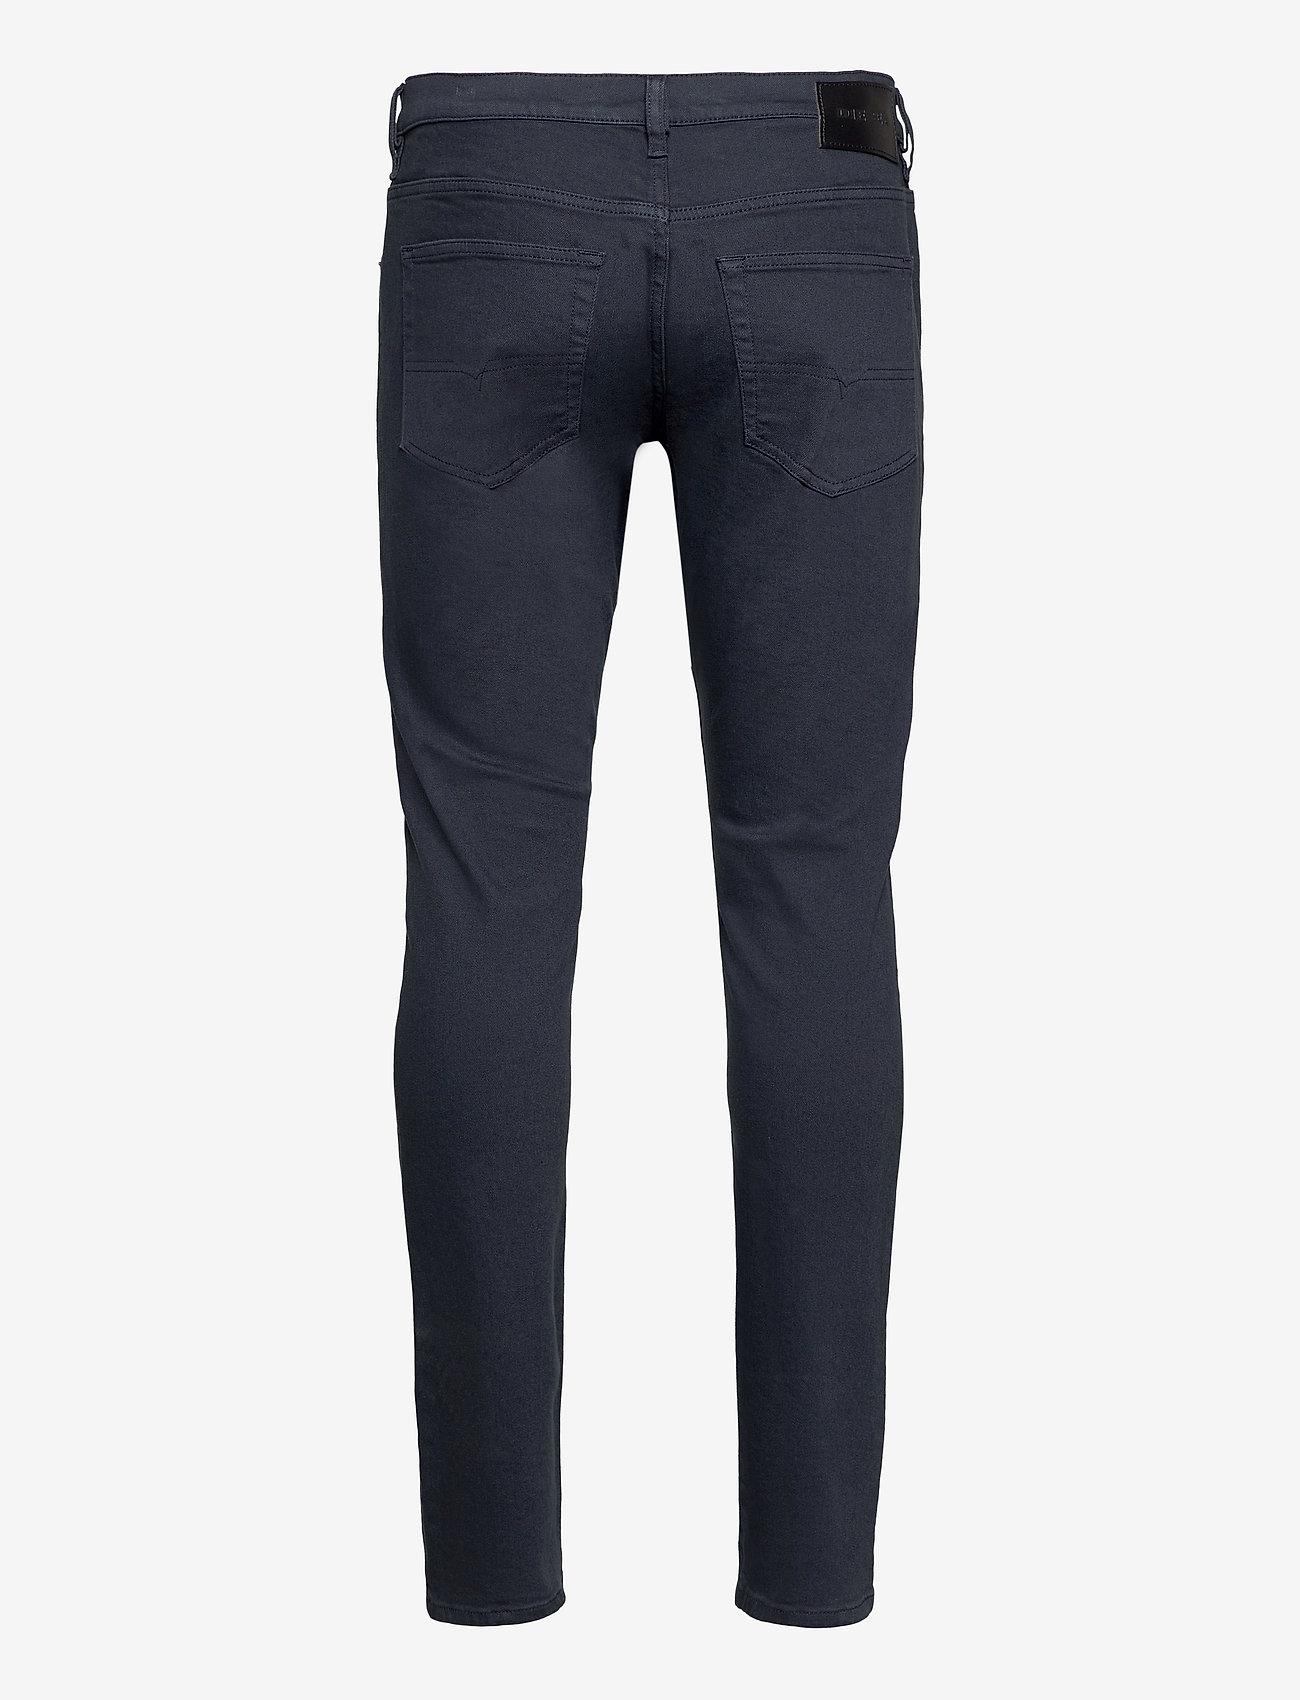 Diesel Men - D-LUSTER L.32 TROUSERS - slim jeans - blue nights - 1